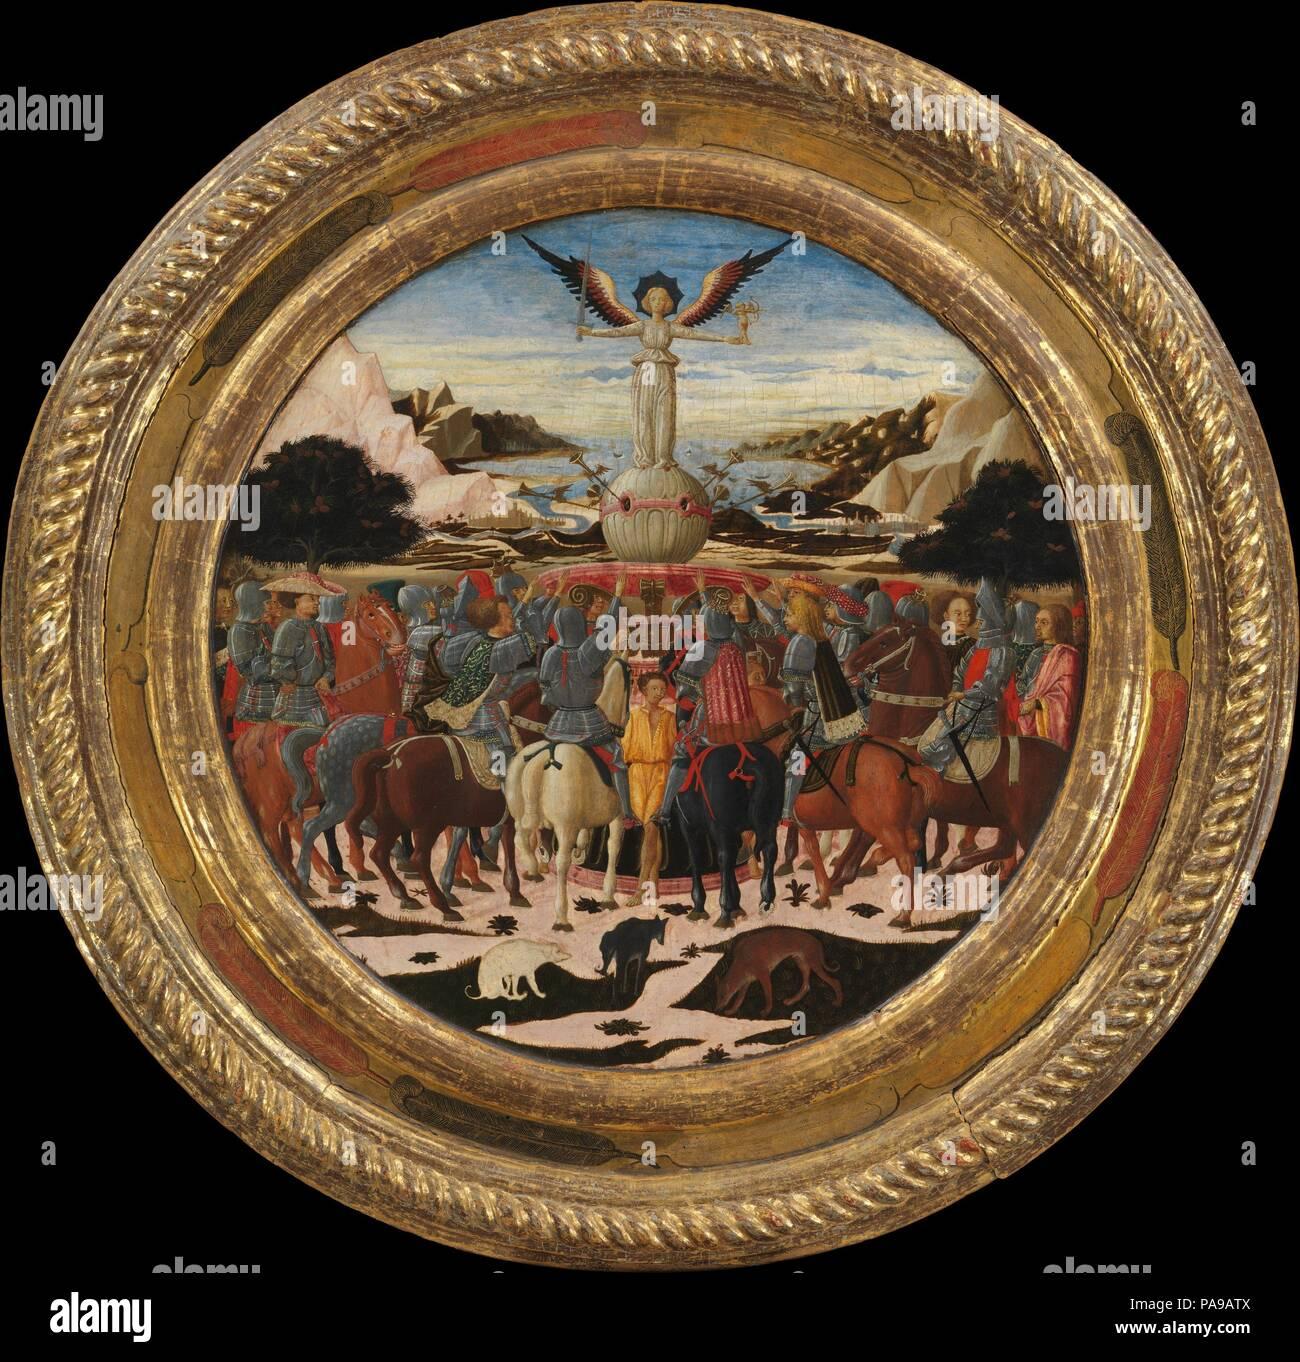 Il Trionfo della Fama; (retromarcia) Impresa della famiglia dei Medici e dei bracci dei medici e famiglie Tornabuoni. Artista: Giovanni di ser Giovanni Guidi (chiamato Scheggia) (italiano, San Giovanni Valdarno Firenze 1406-1486). Dimensioni: complessivamente, con telaio impegnato, diametro 36 1/2 in. (92,7 cm); recto, superficie dipinta, diametro 24 5/8 in. (62,5 cm); verso, superficie dipinta, diametro 29 5/8 in. (75,2 cm). Data: ca. 1449. Questa nascita commemorativa vassoio (<i>desco da parto</i>) celebra la nascita di Lorenzo de' Medici (1449-1492), il più celebre dominatore della sua giornata come pure un poeta importante e una m Foto Stock